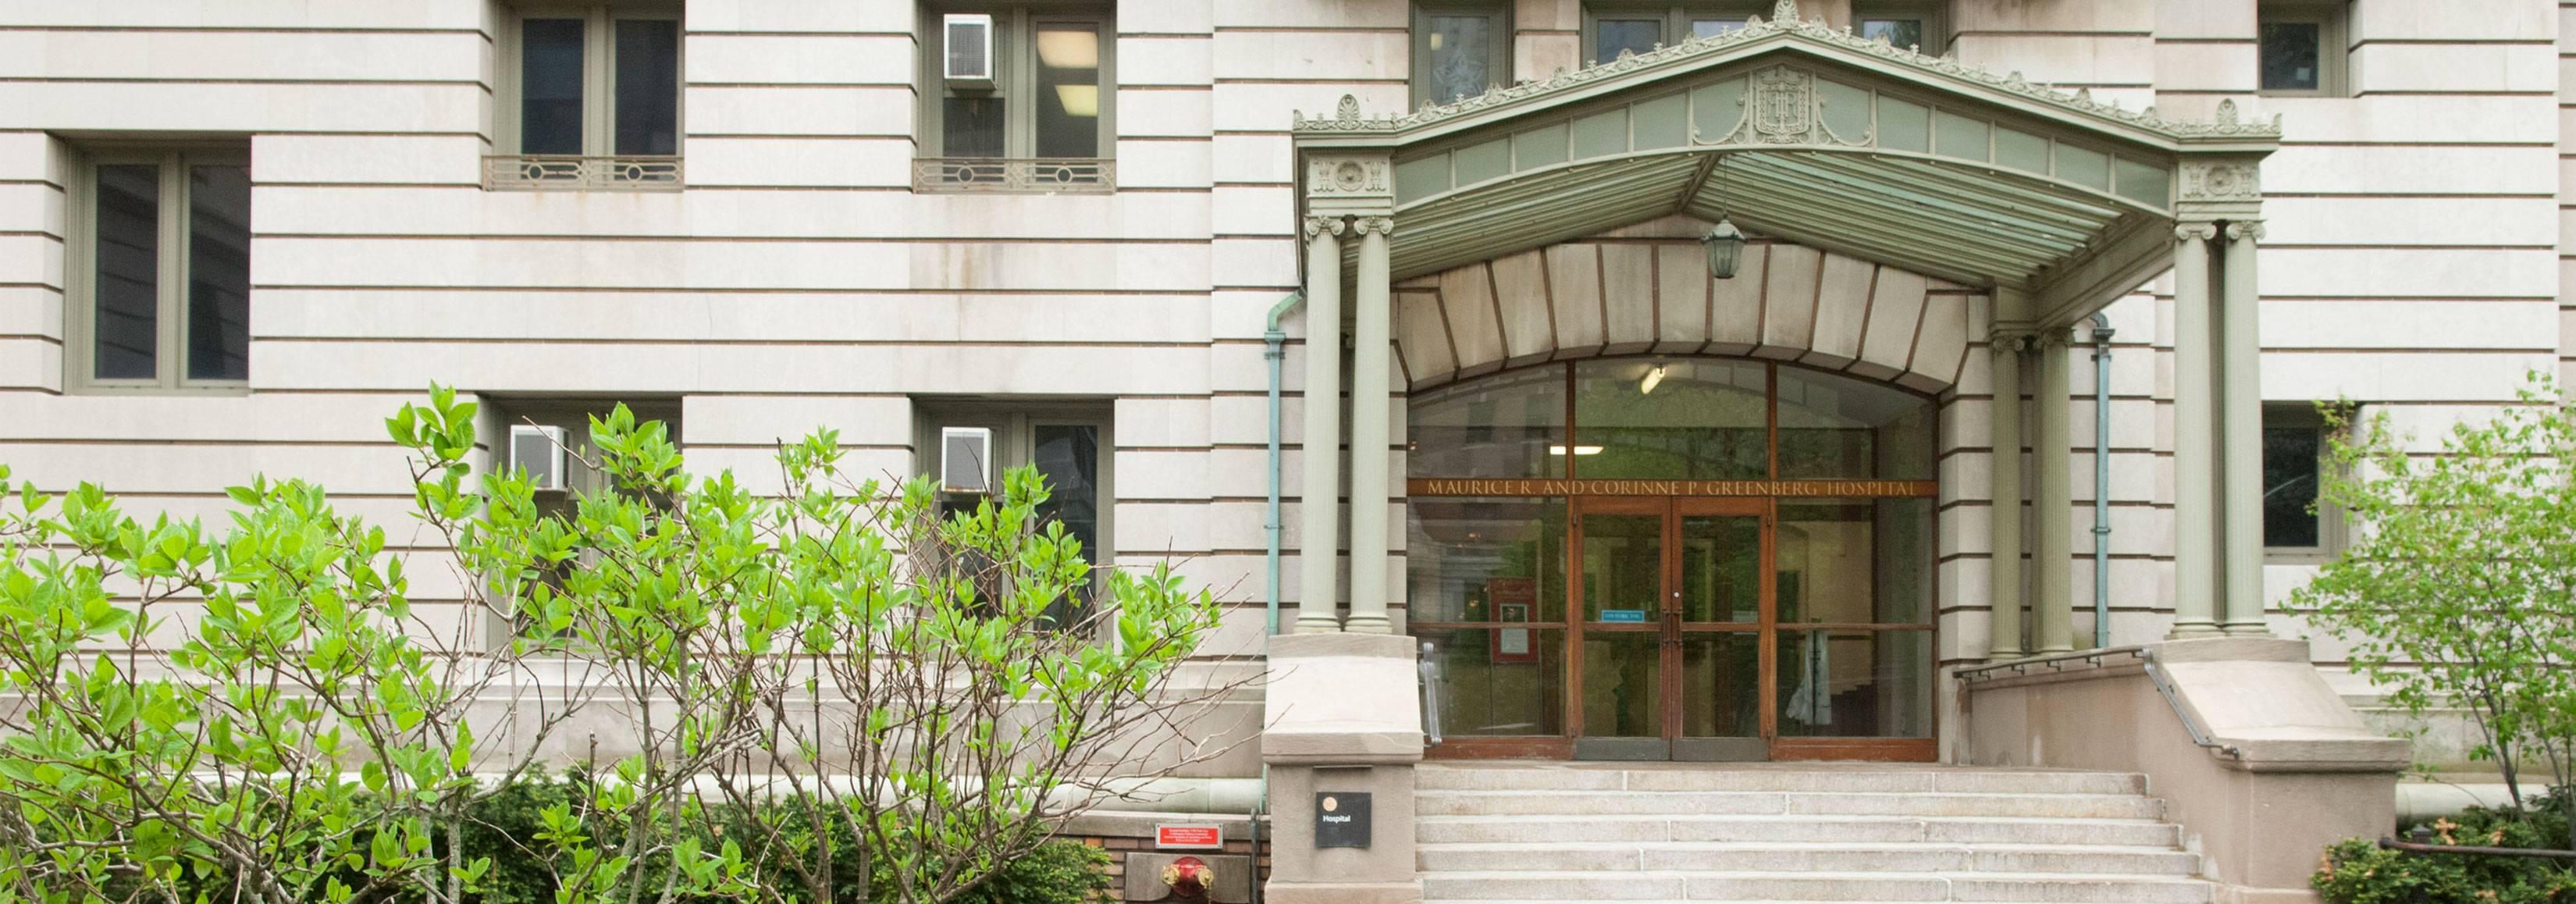 The Rockefeller University Hospital